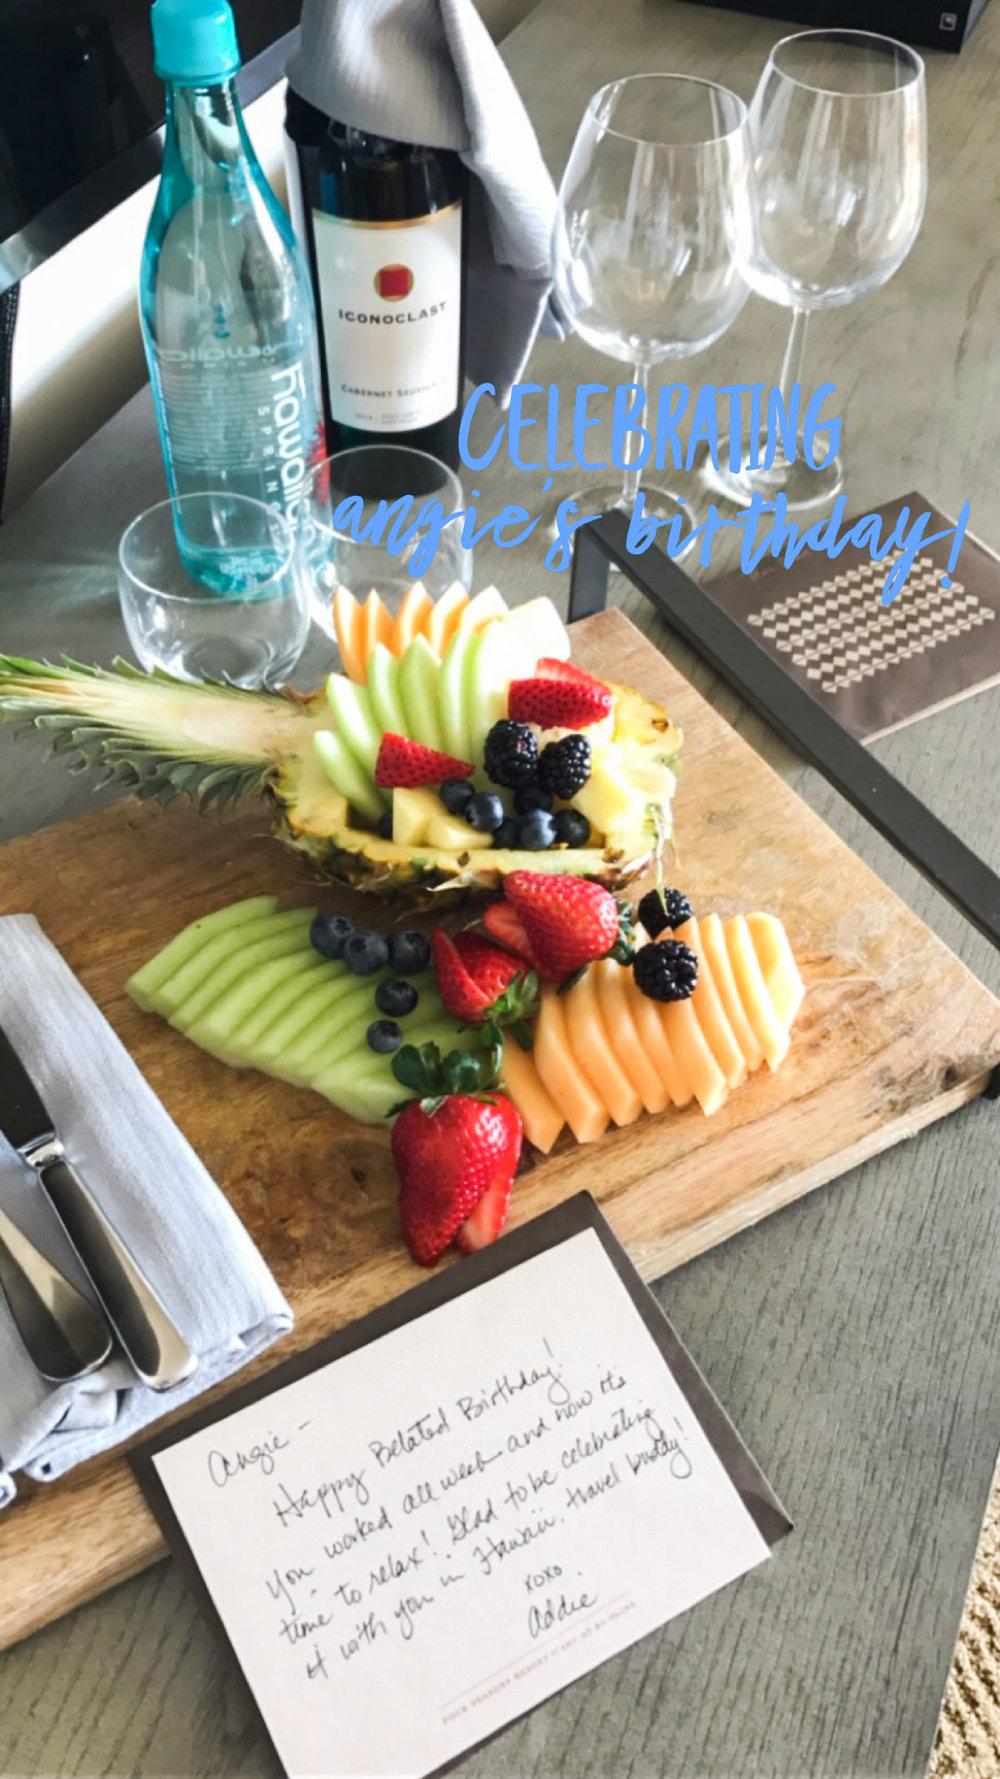 Best Hotel Oahu_Four Seasons Oahu_Addie Bell-4831.jpg